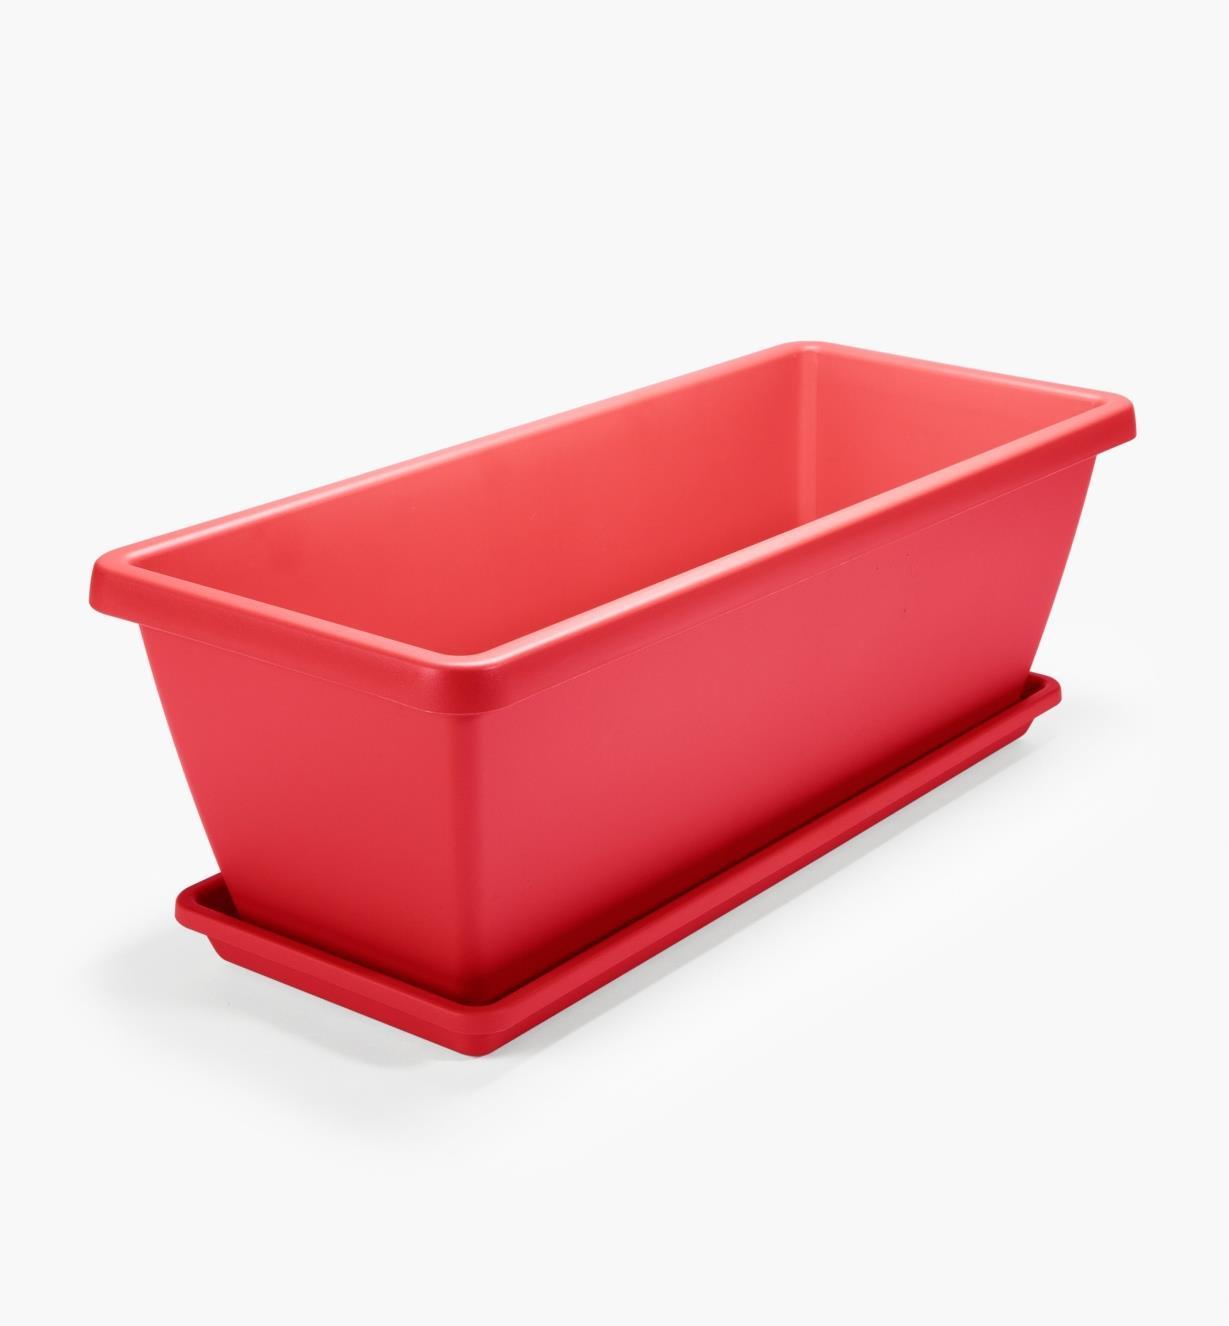 XB758R - Jardinière rectangulaire Elho, rouge